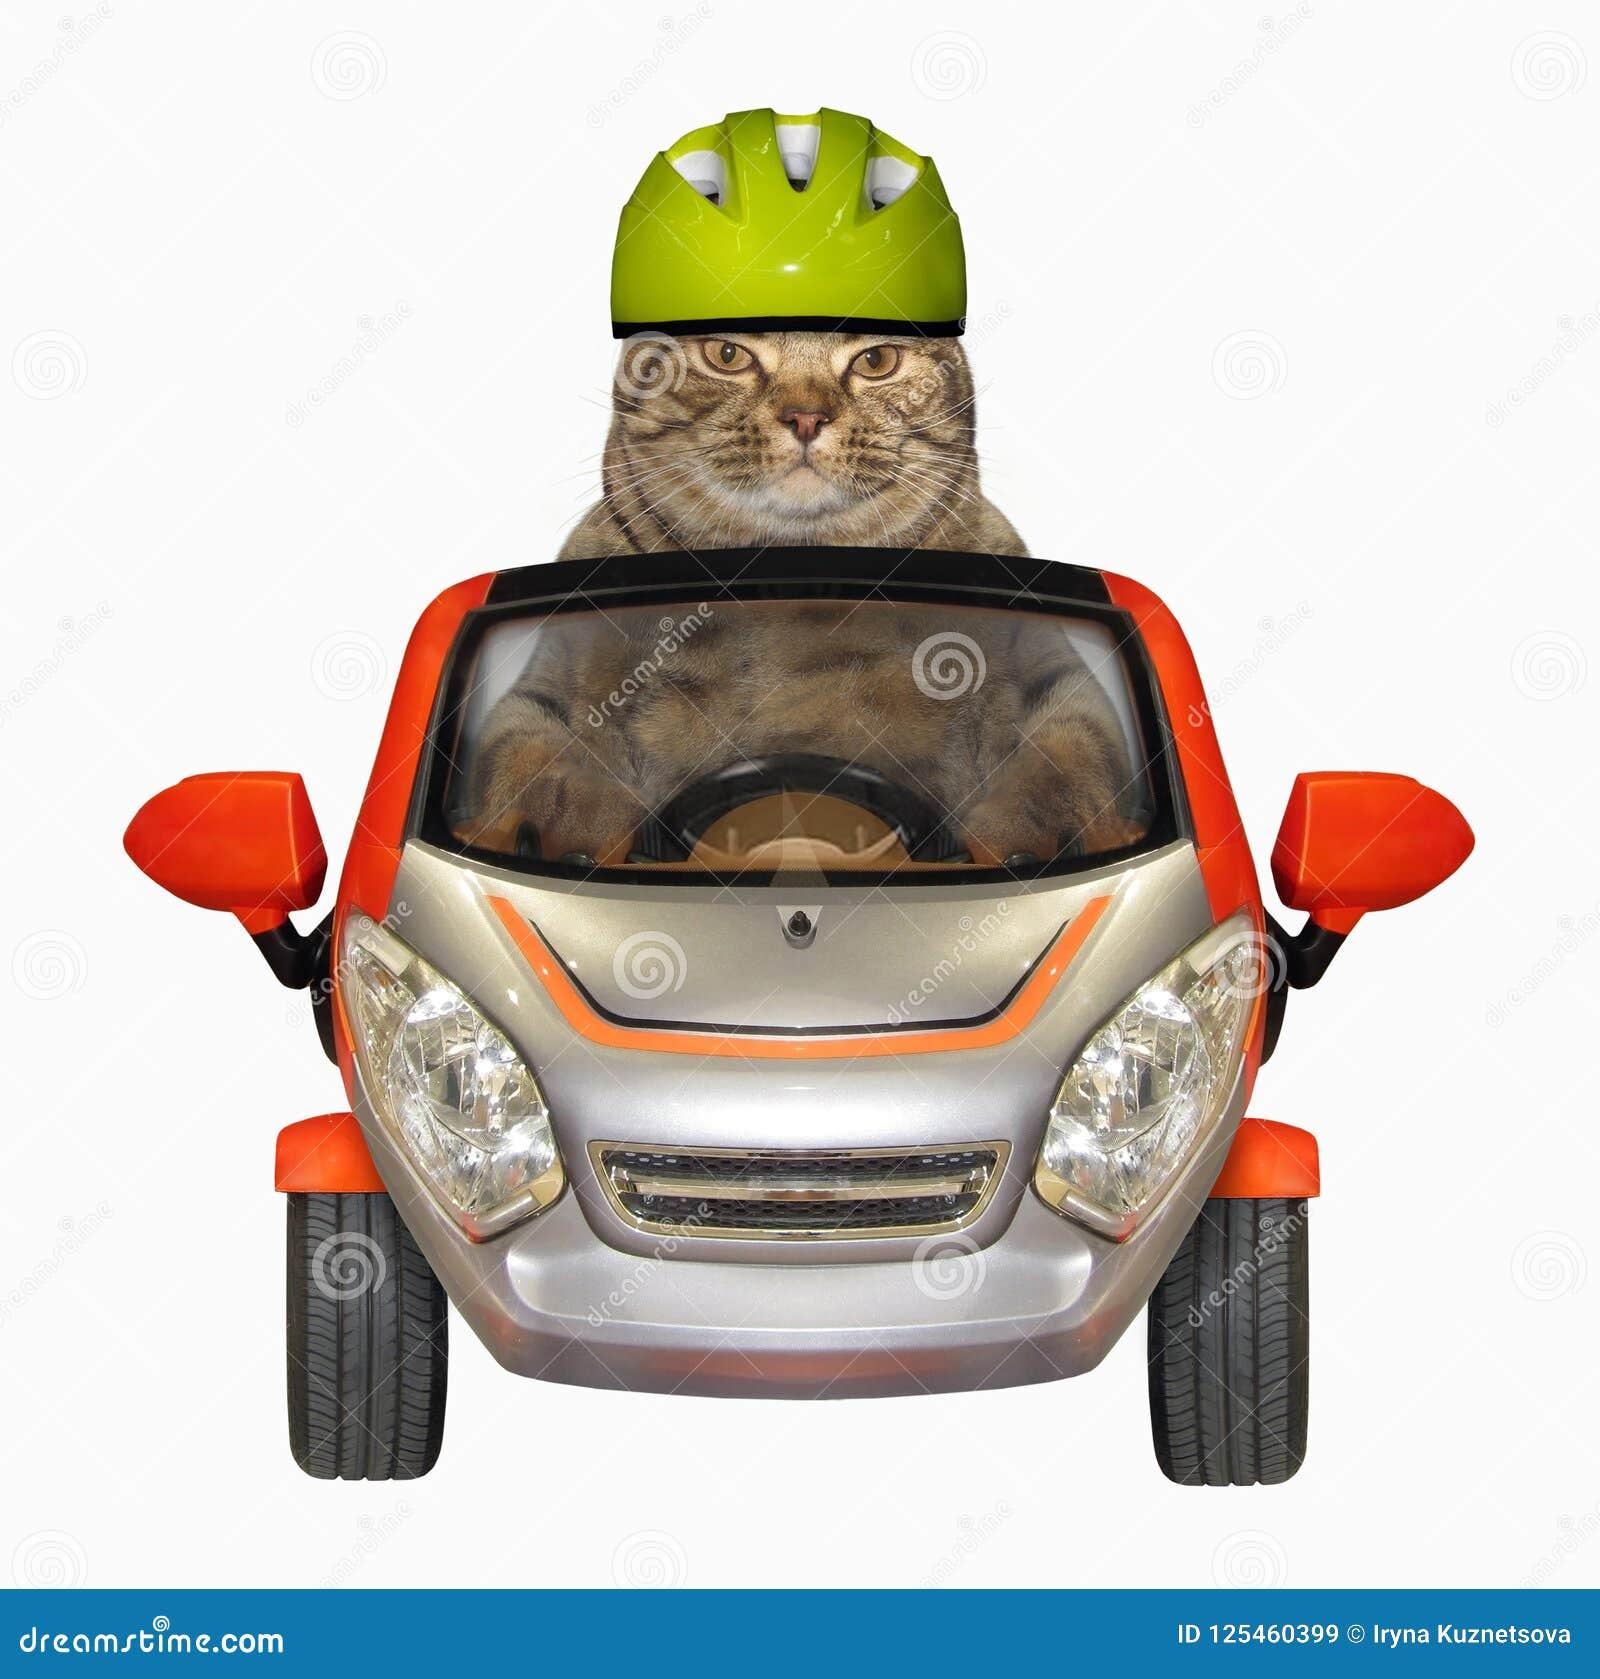 Η γάτα σε ένα κράνος οδηγεί ένα μικρό αυτοκίνητο